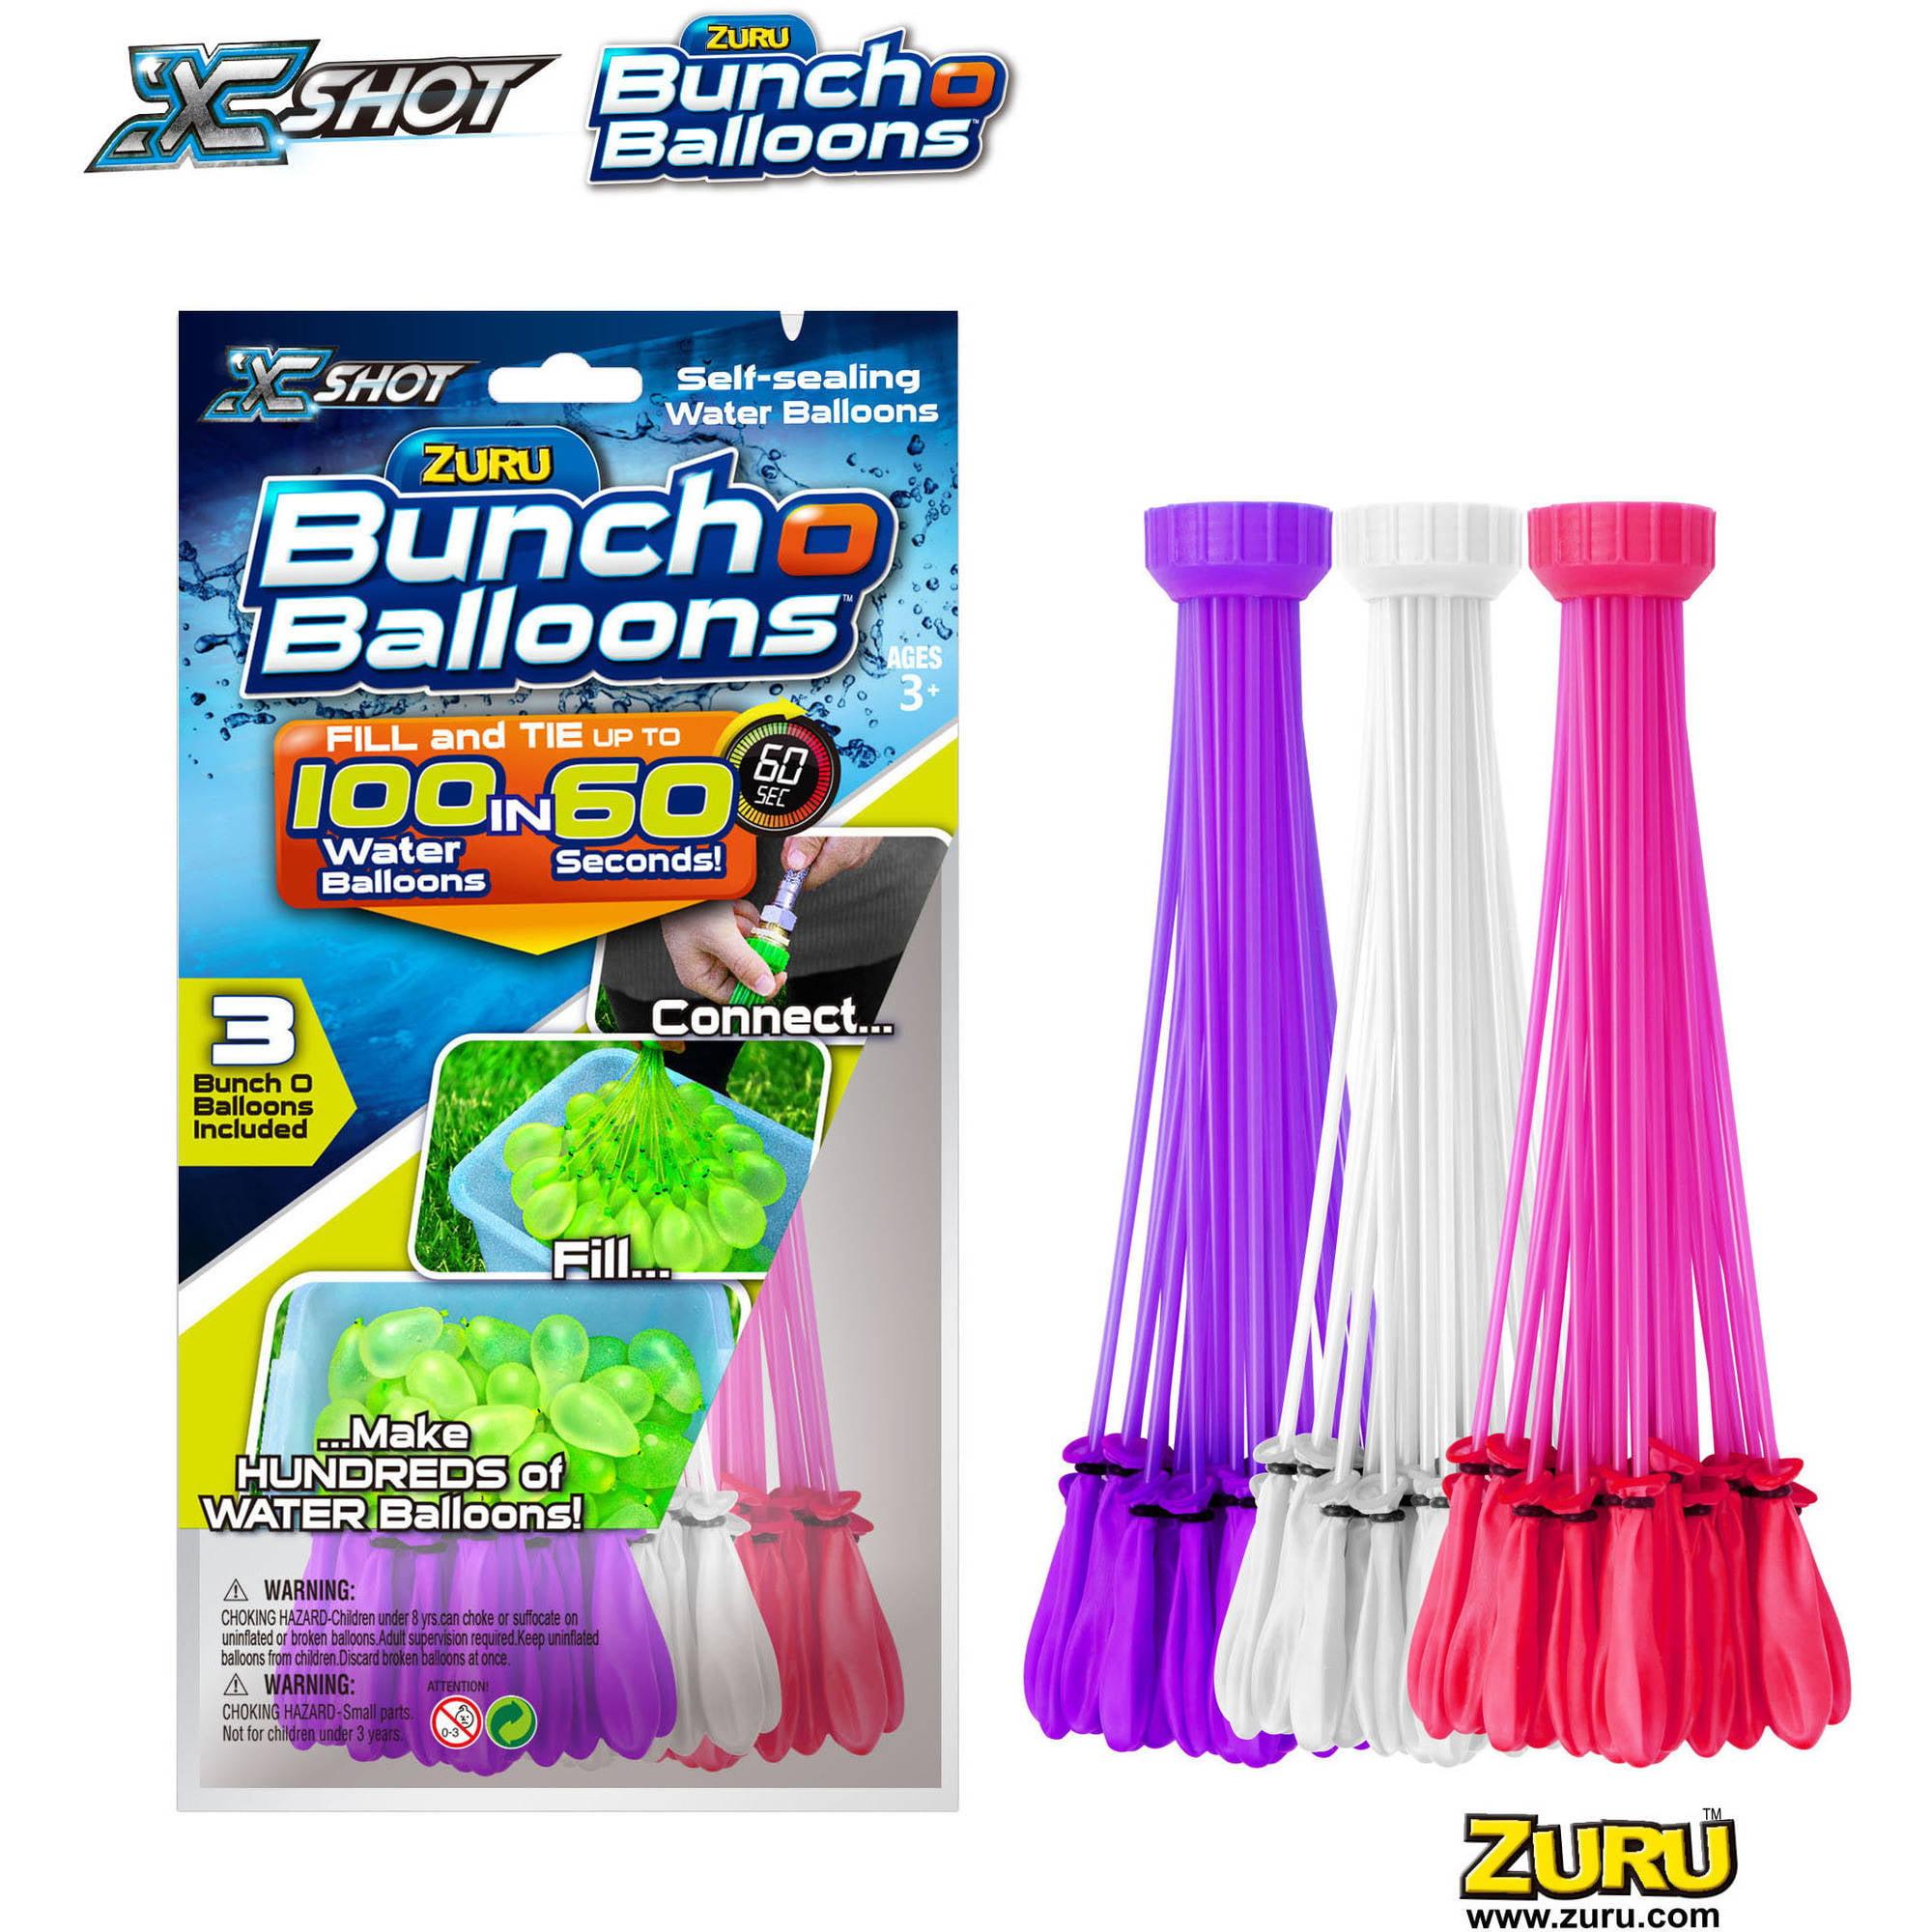 ZURU Bunch O Balloons 3pk Foilbag, Girl